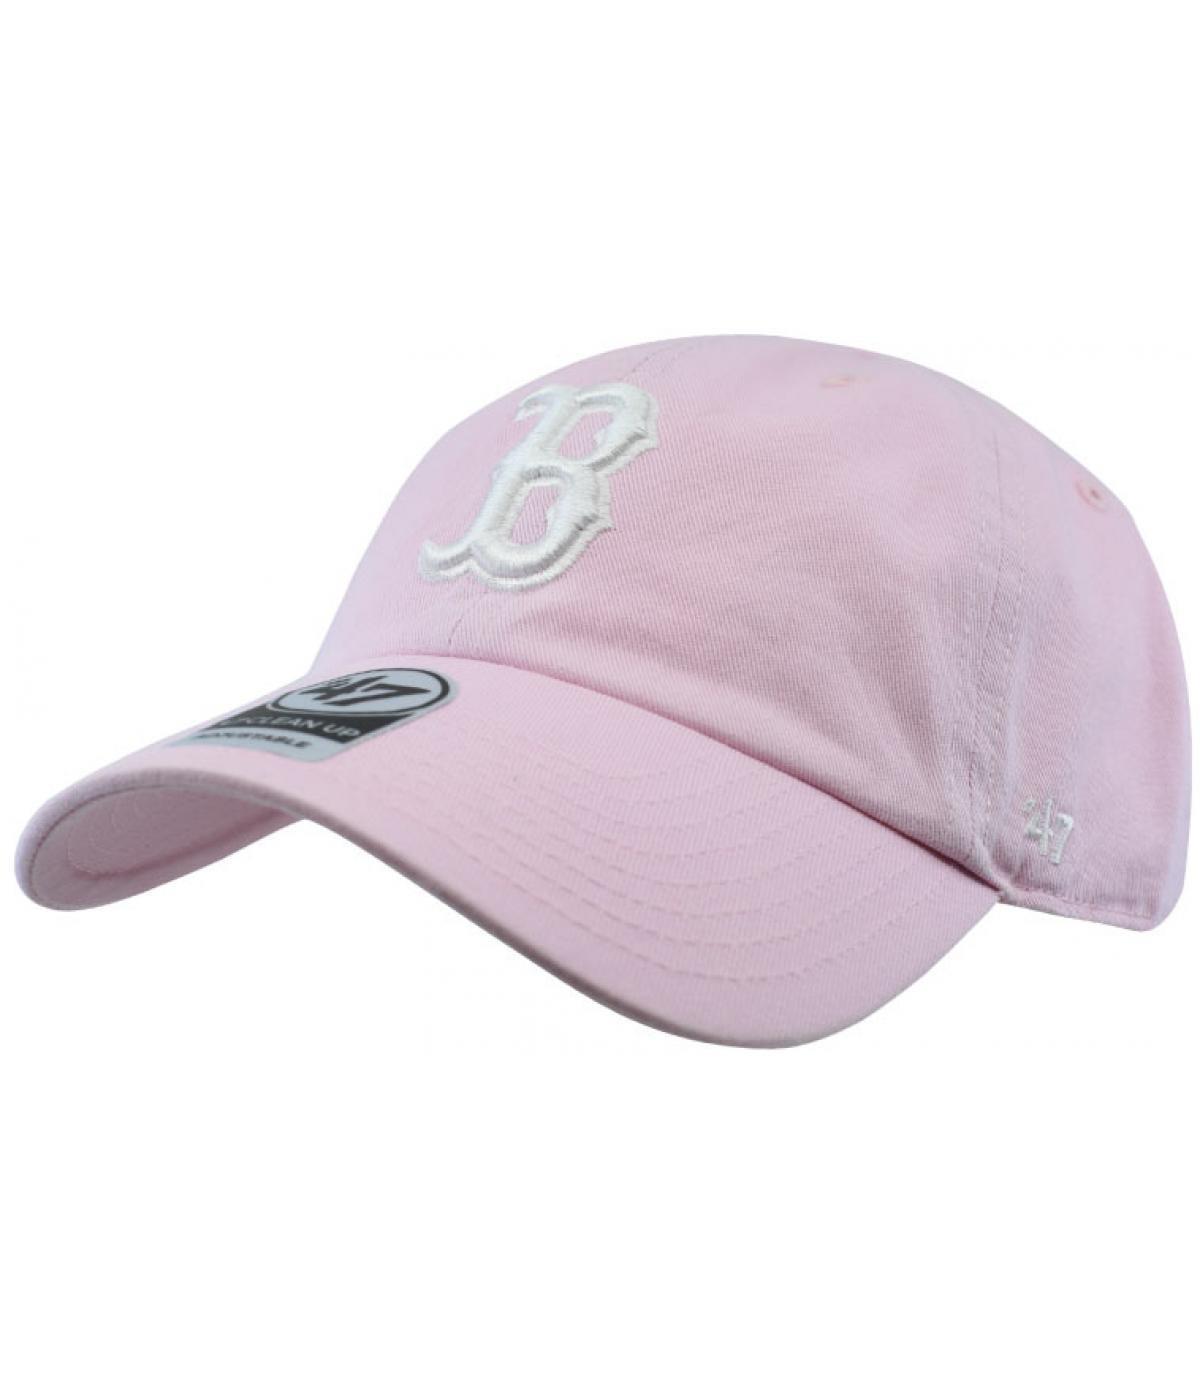 Détails Clean Up Boston petal pink - image 2